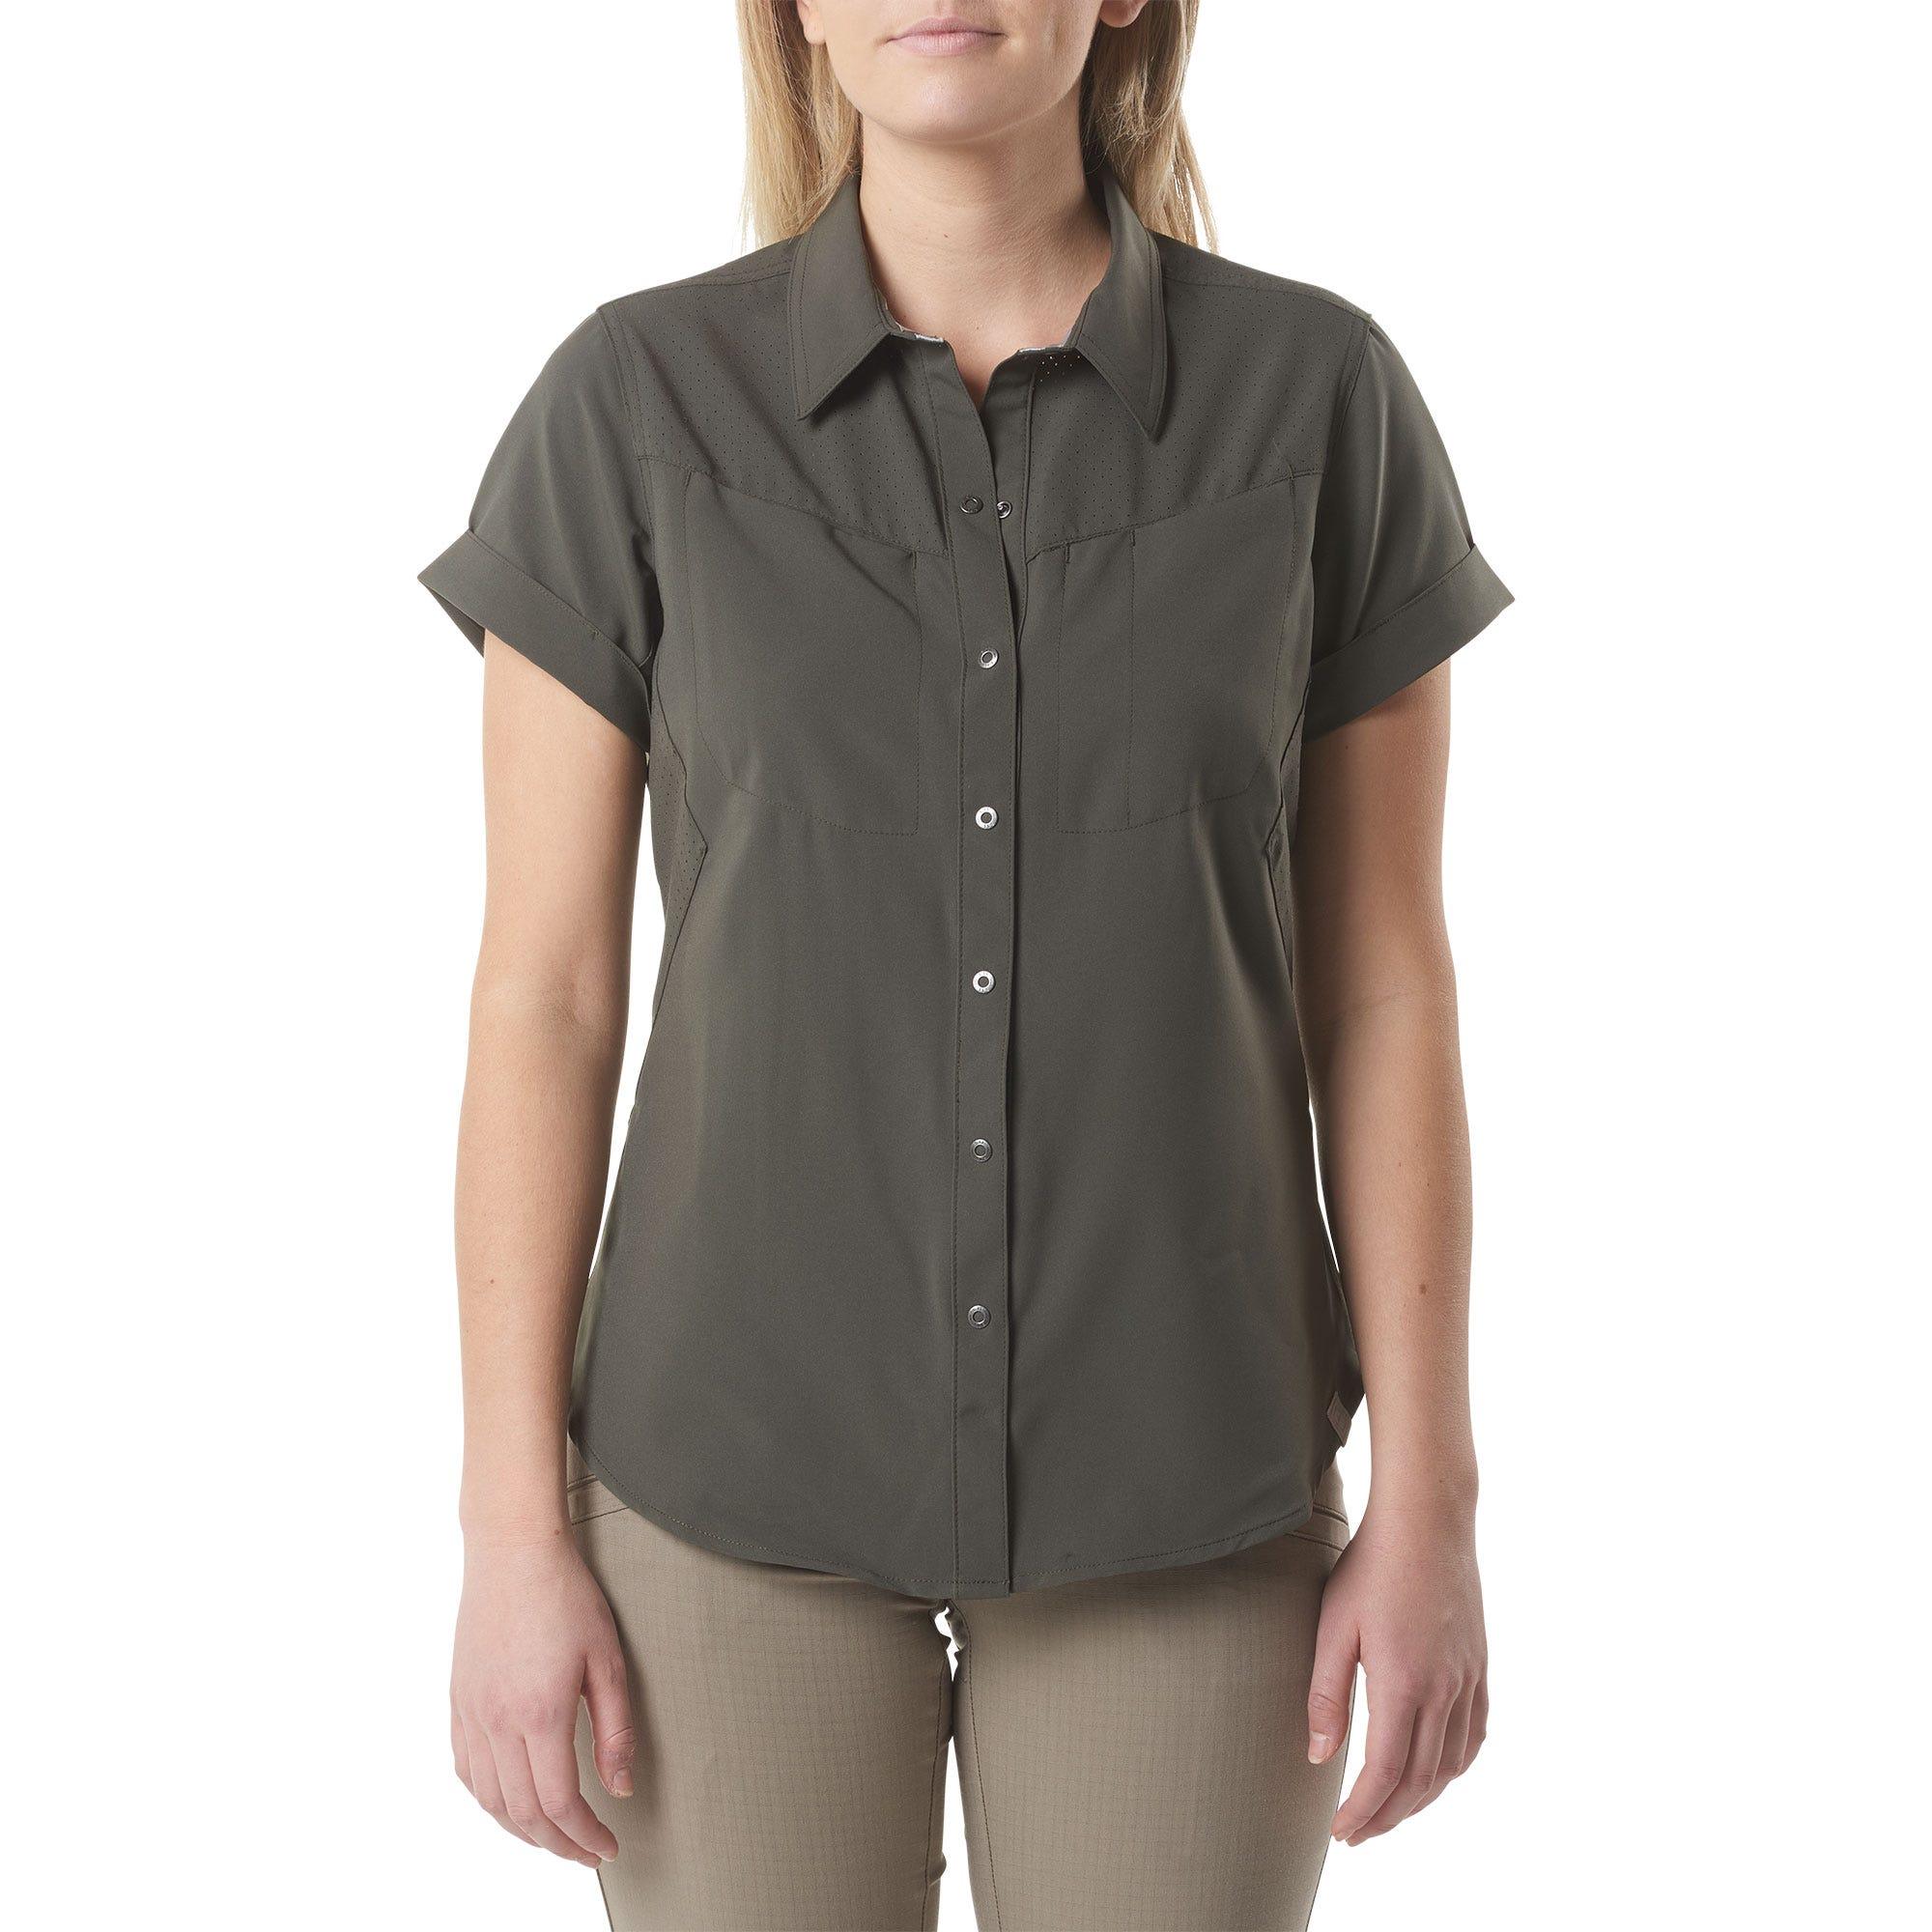 5.11 Tactical Women's Freedom Flex Woven Short Sleeve Shirt (Green)